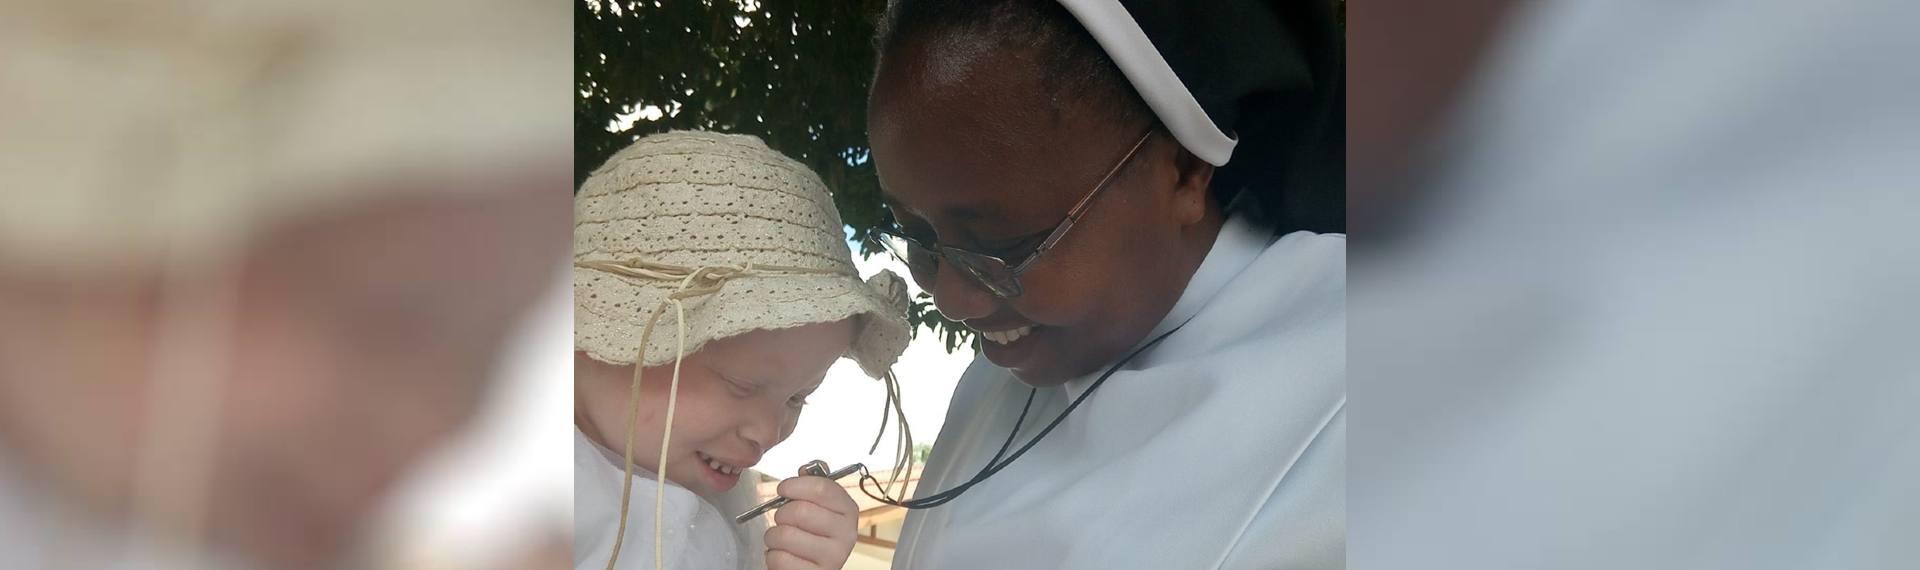 Ogni-abbandonato-trovi-in-voi-una-sorella-in-Ges-Cristo-e-una-madre